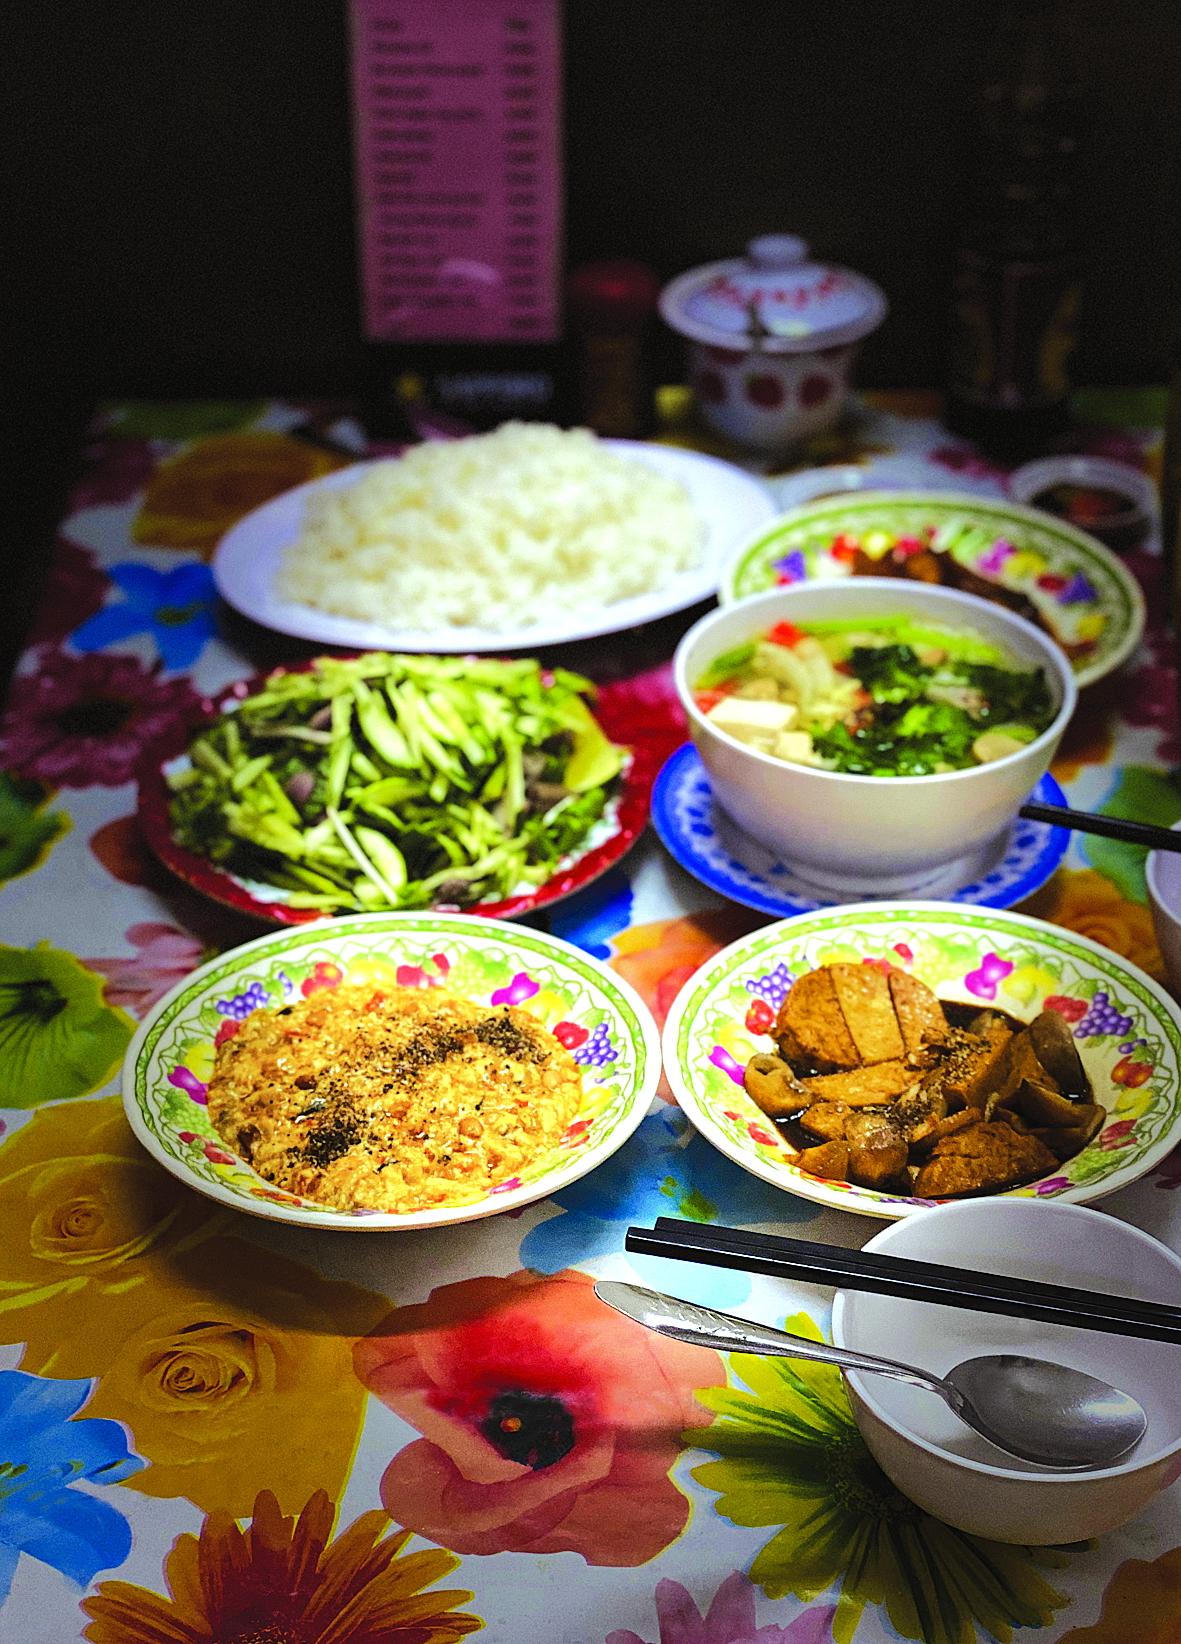 Tiệm chay Tín Nghĩa hơn trăm năm đi qua bao biến thiên dâu bể Sài Gòn